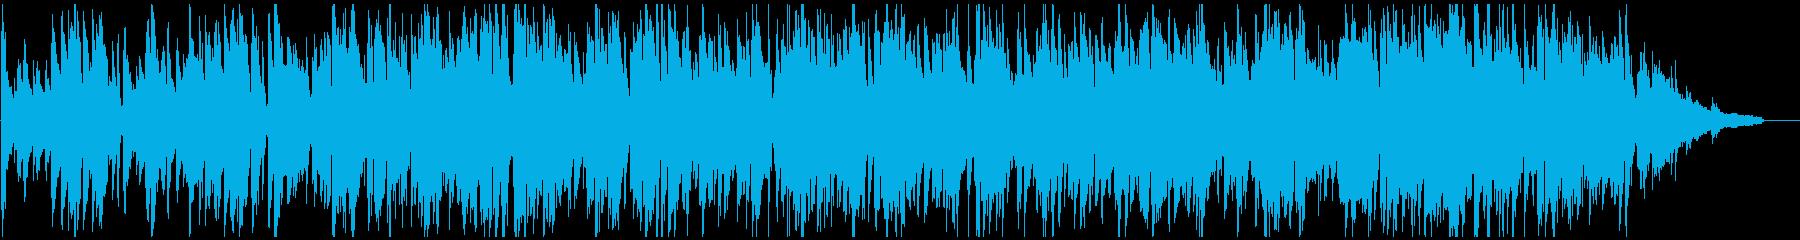 明るいジャズ、程よいテンポ感のスイングの再生済みの波形